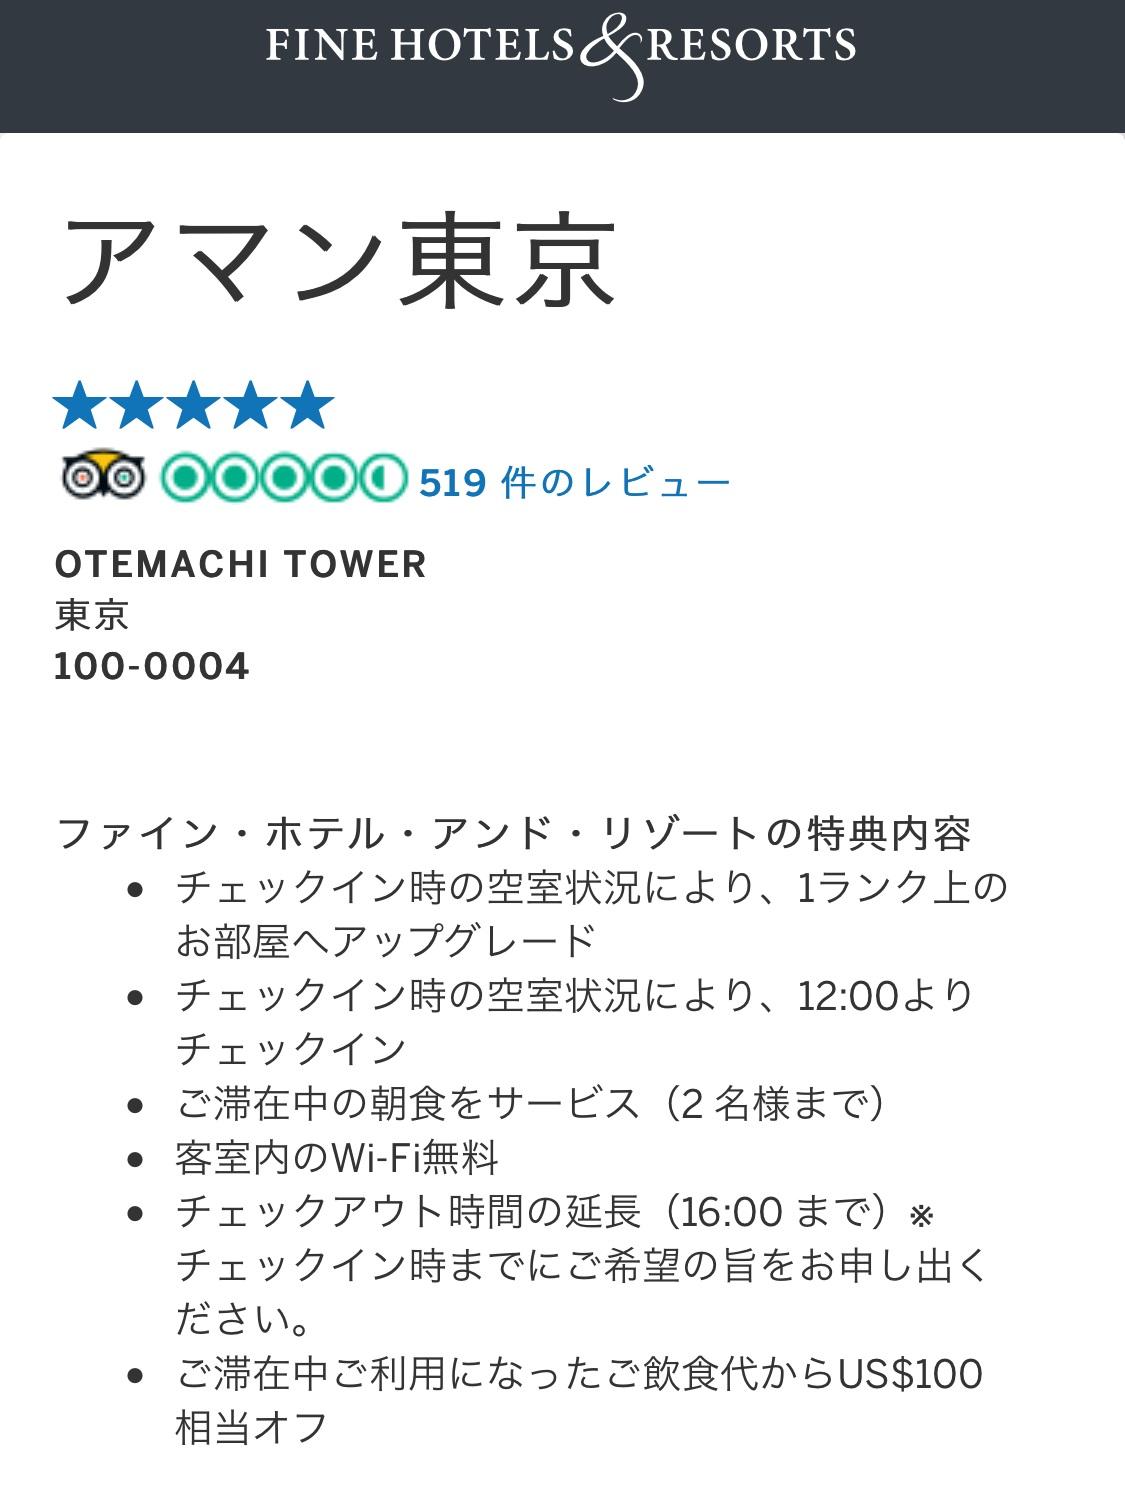 アマン東京のファイン・ホテル・アンド・リゾート(FHR)の特典